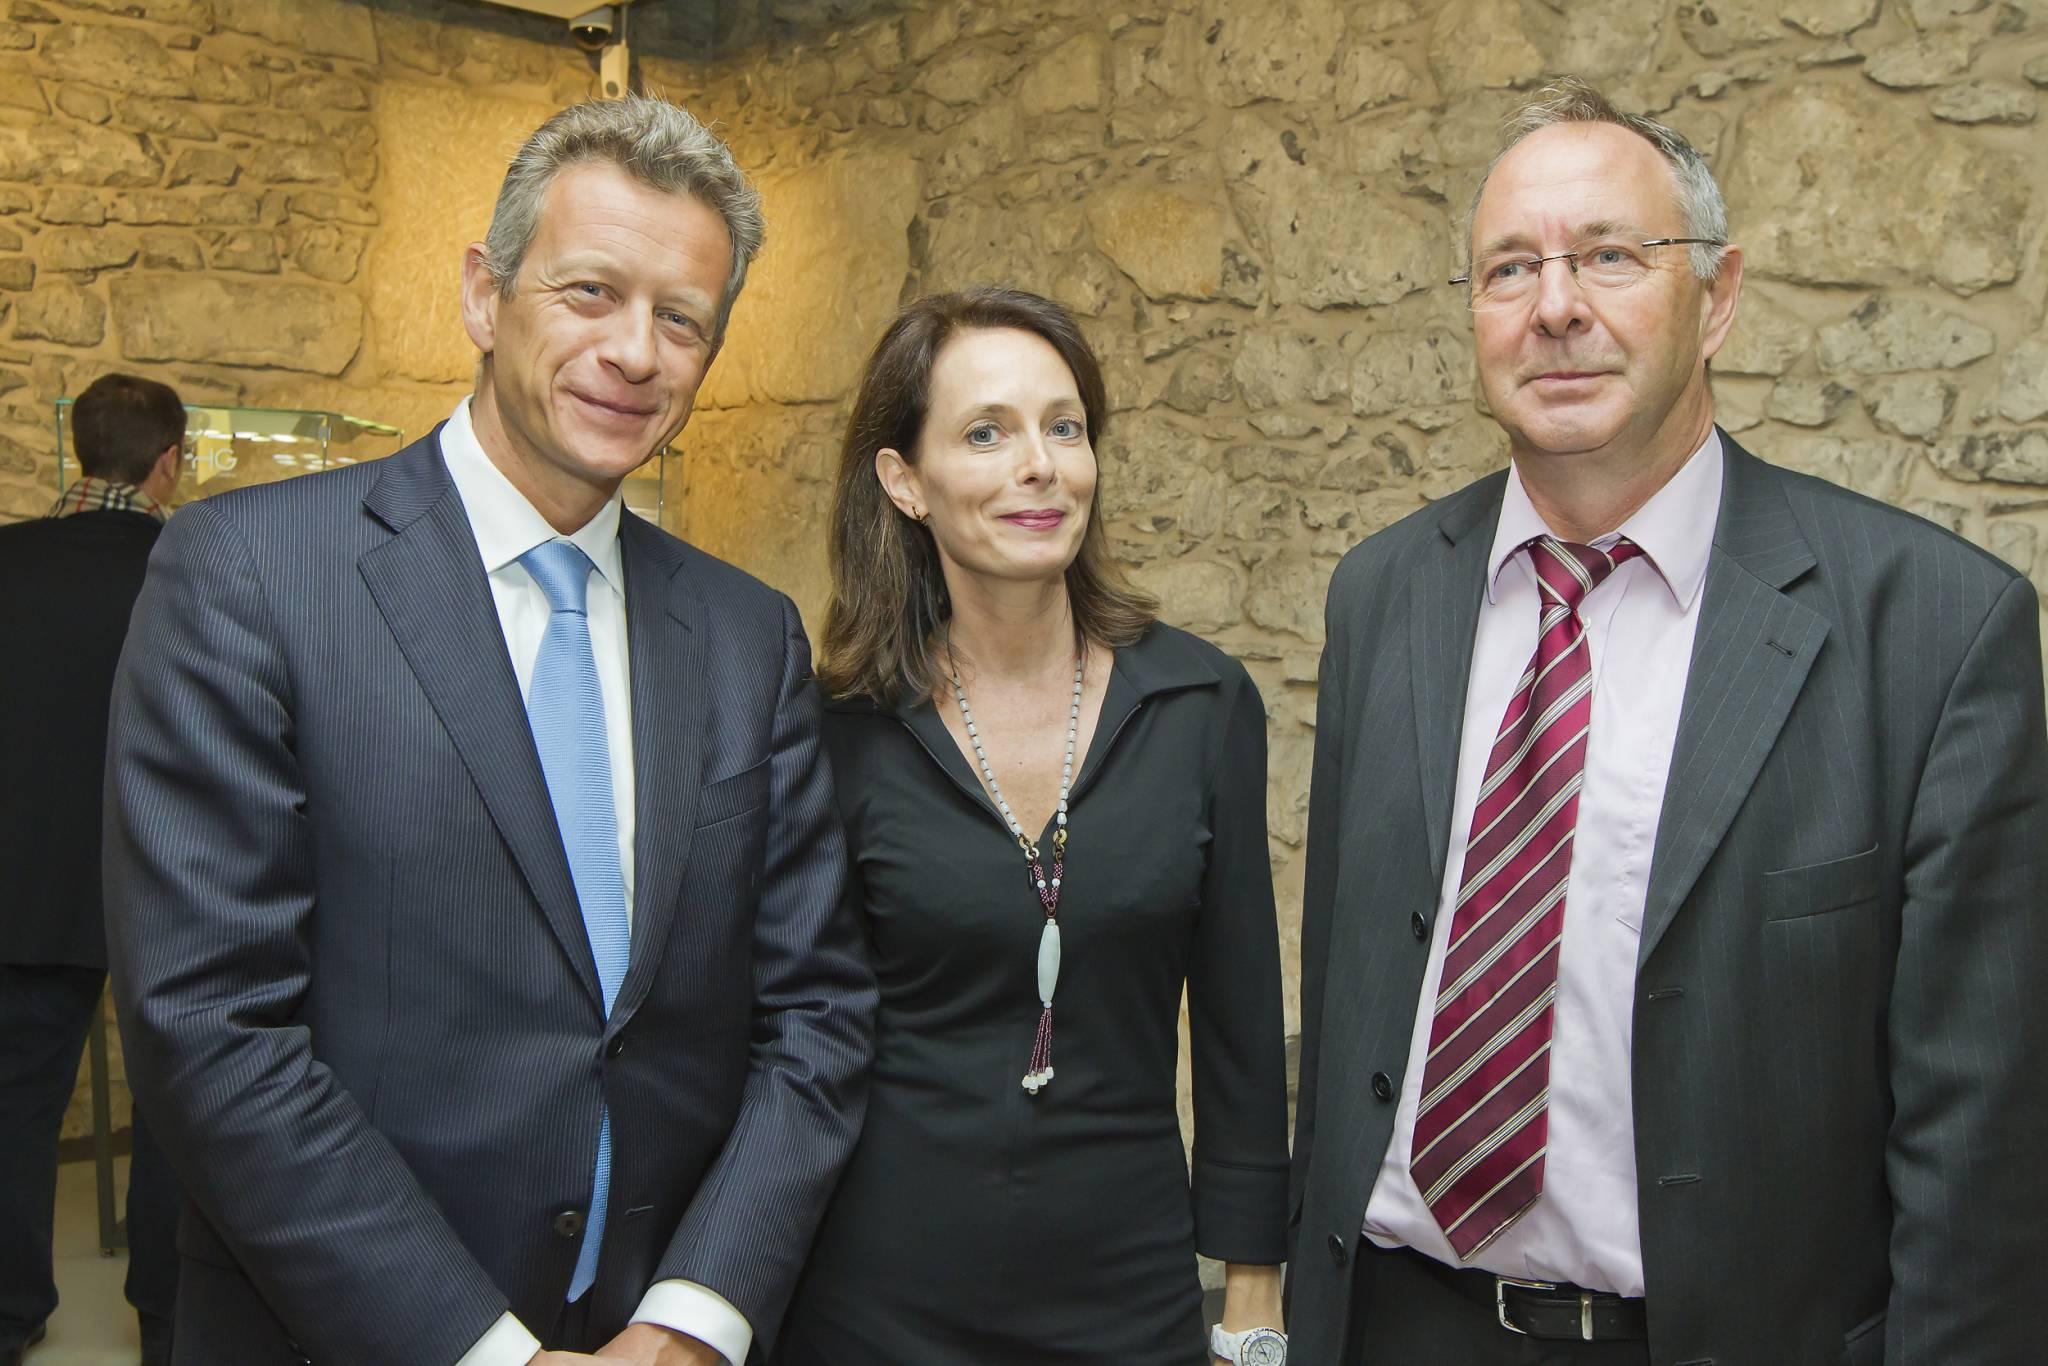 Benoît Clivio, Directeur de la Banque Privée Edmond de Rothschild (BPER) et Valérie Boscat, Directrice communication de la BPER et Daniel Favre, Président de TimeLab, 8 novembre 2011